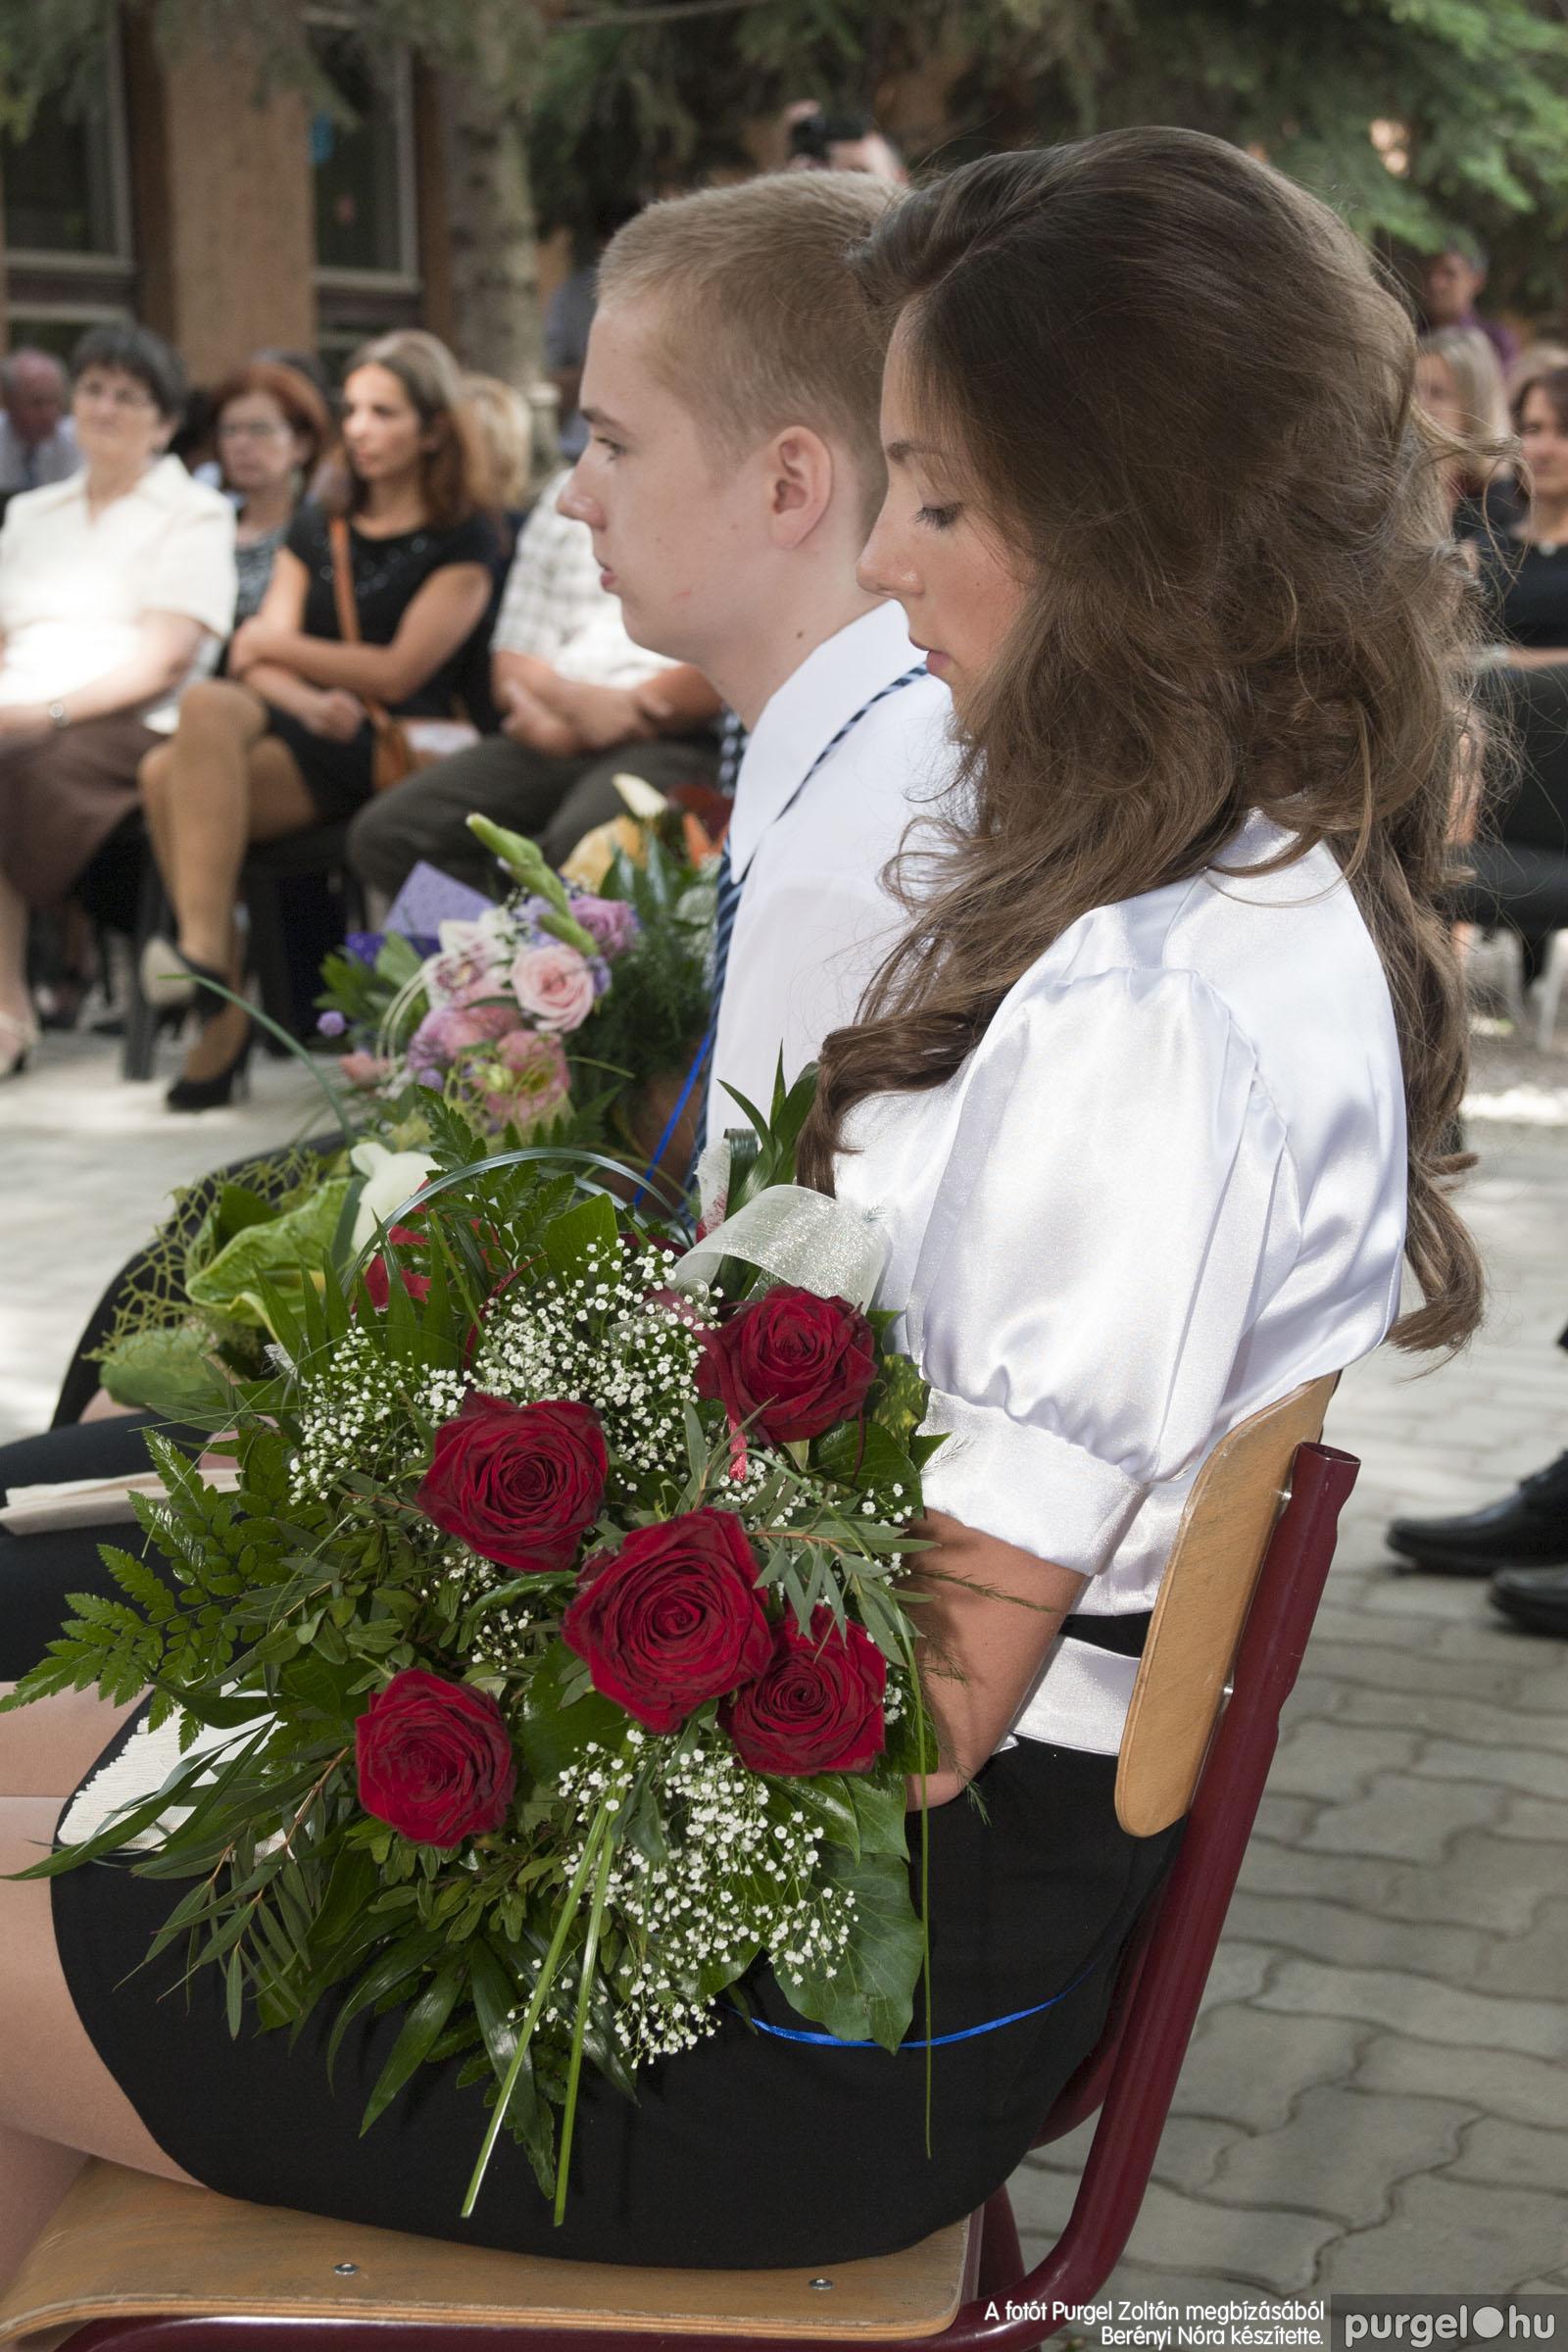 2014.06.14. 196 Forray Máté Általános Iskola ballagás 2014. - Fotó:BERÉNYI NÓRA© _MG_5835.jpg